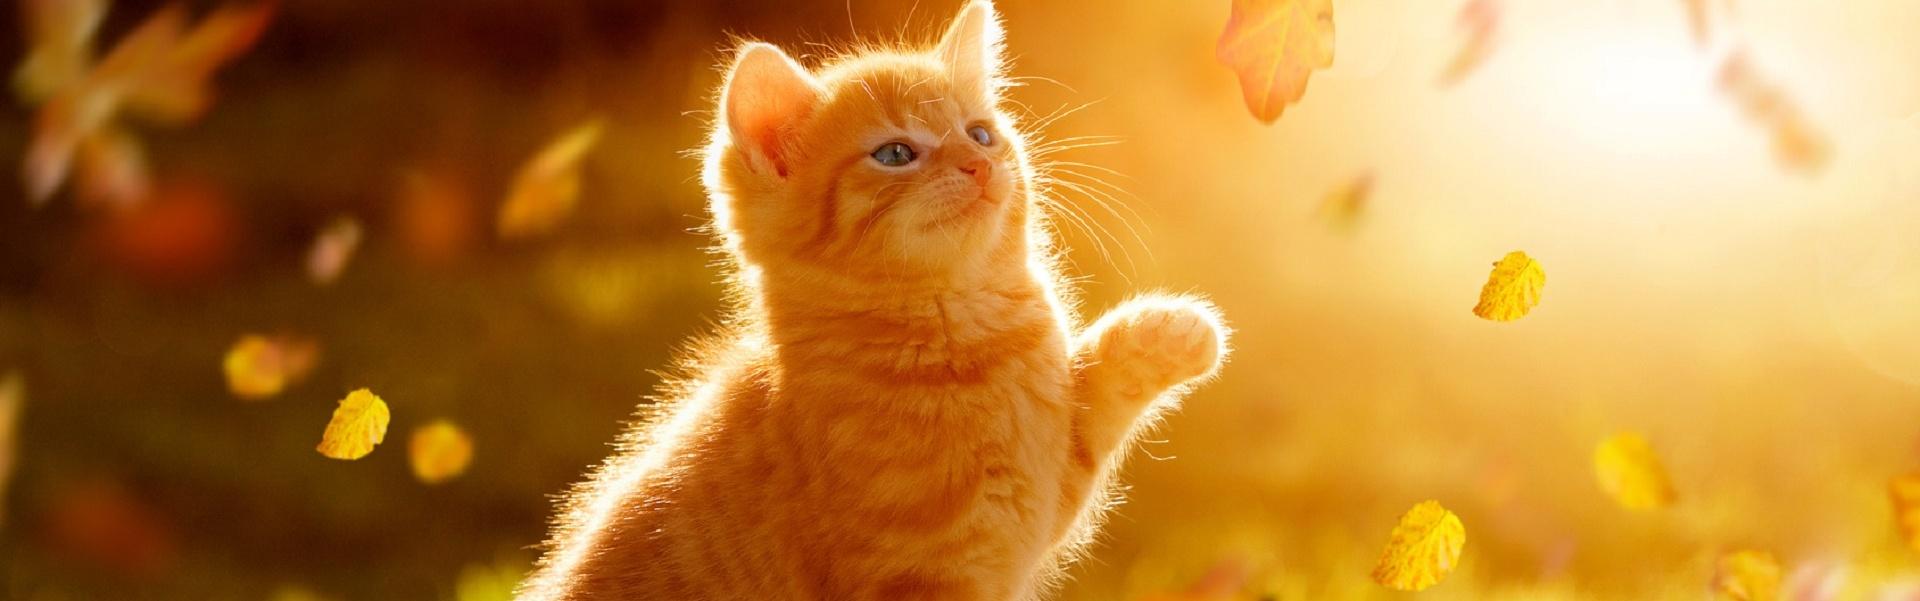 Greenheart Austria - Chemiefreies Katzenfutter und Hundefutter